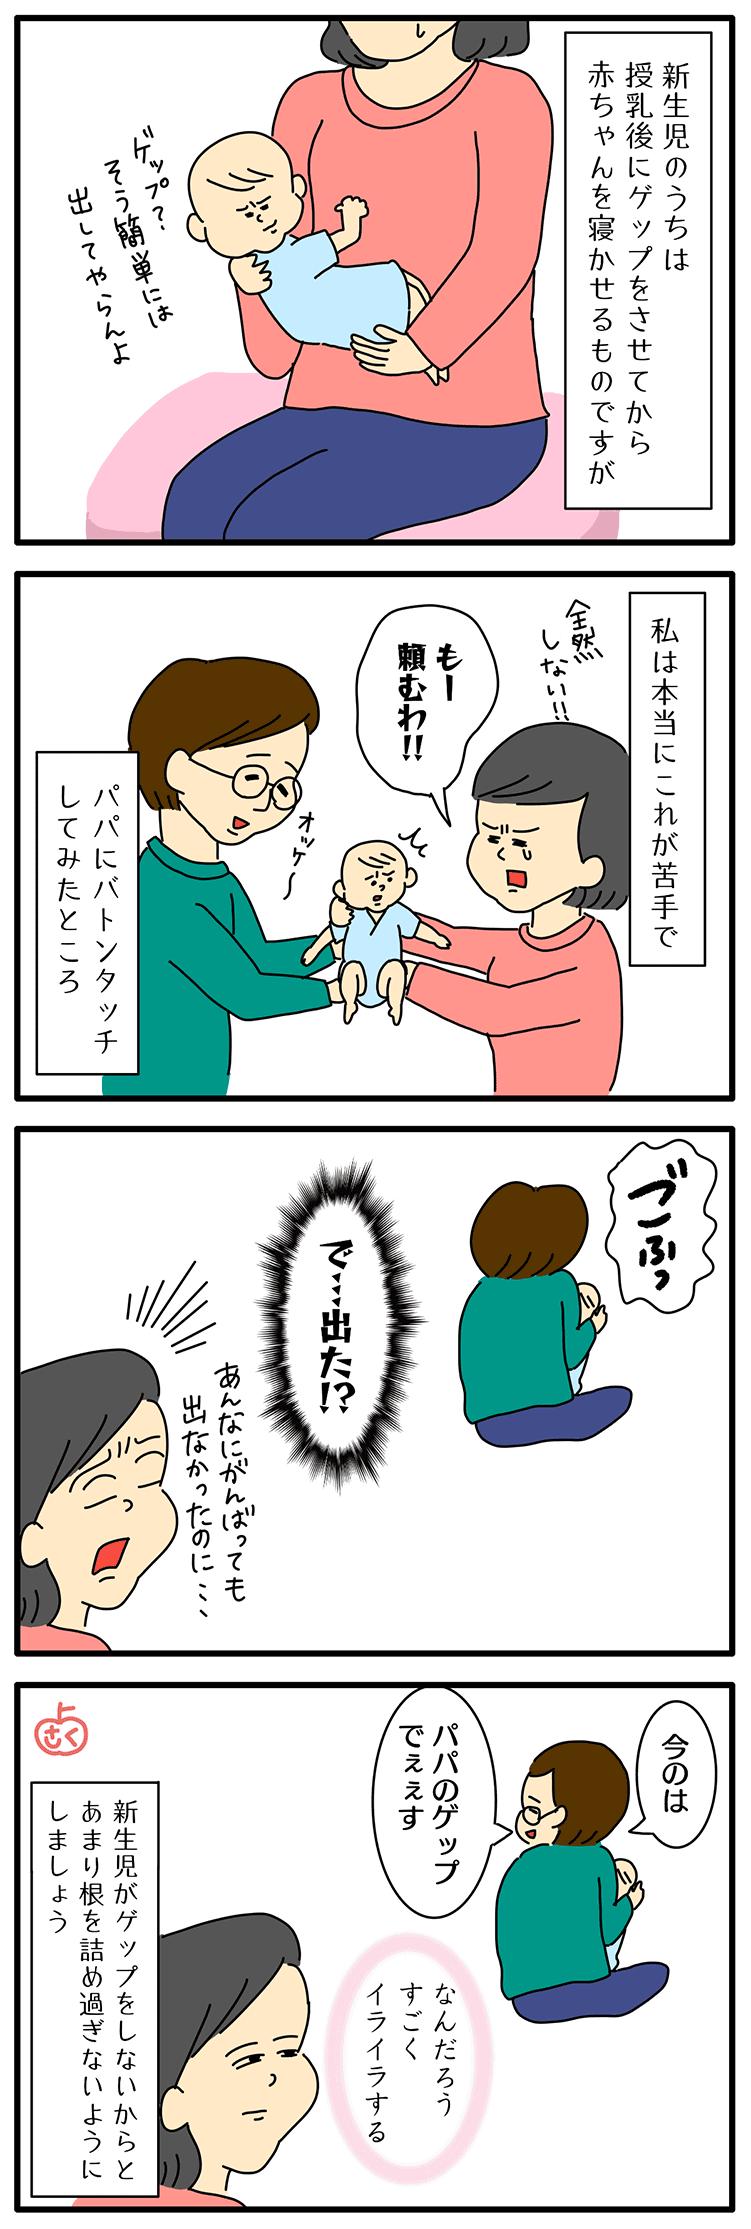 新生児のゲップについての永岡さくら(saku)さんの子育て4コマ漫画